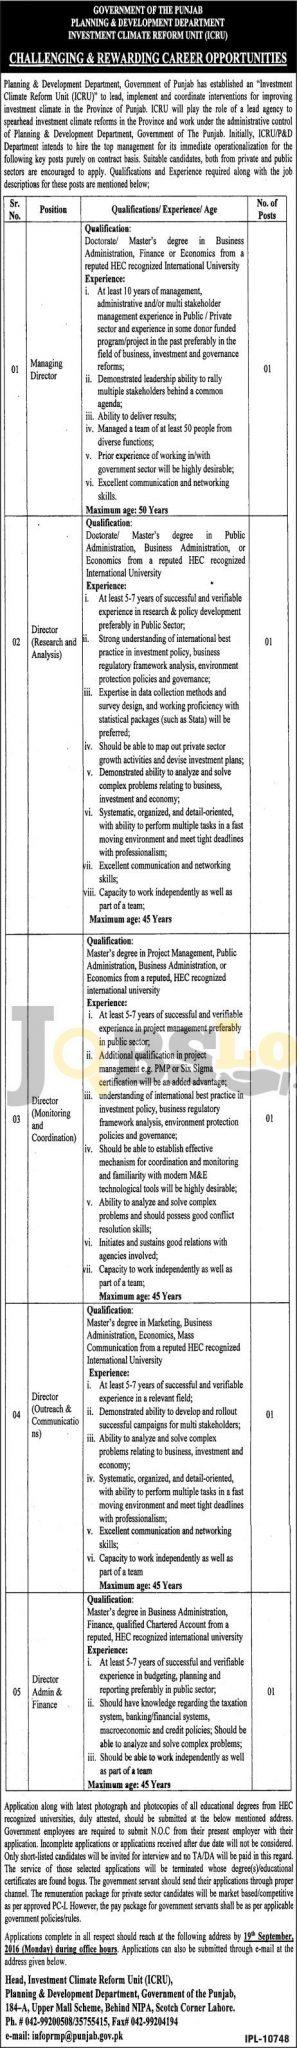 P& D Department Jobs